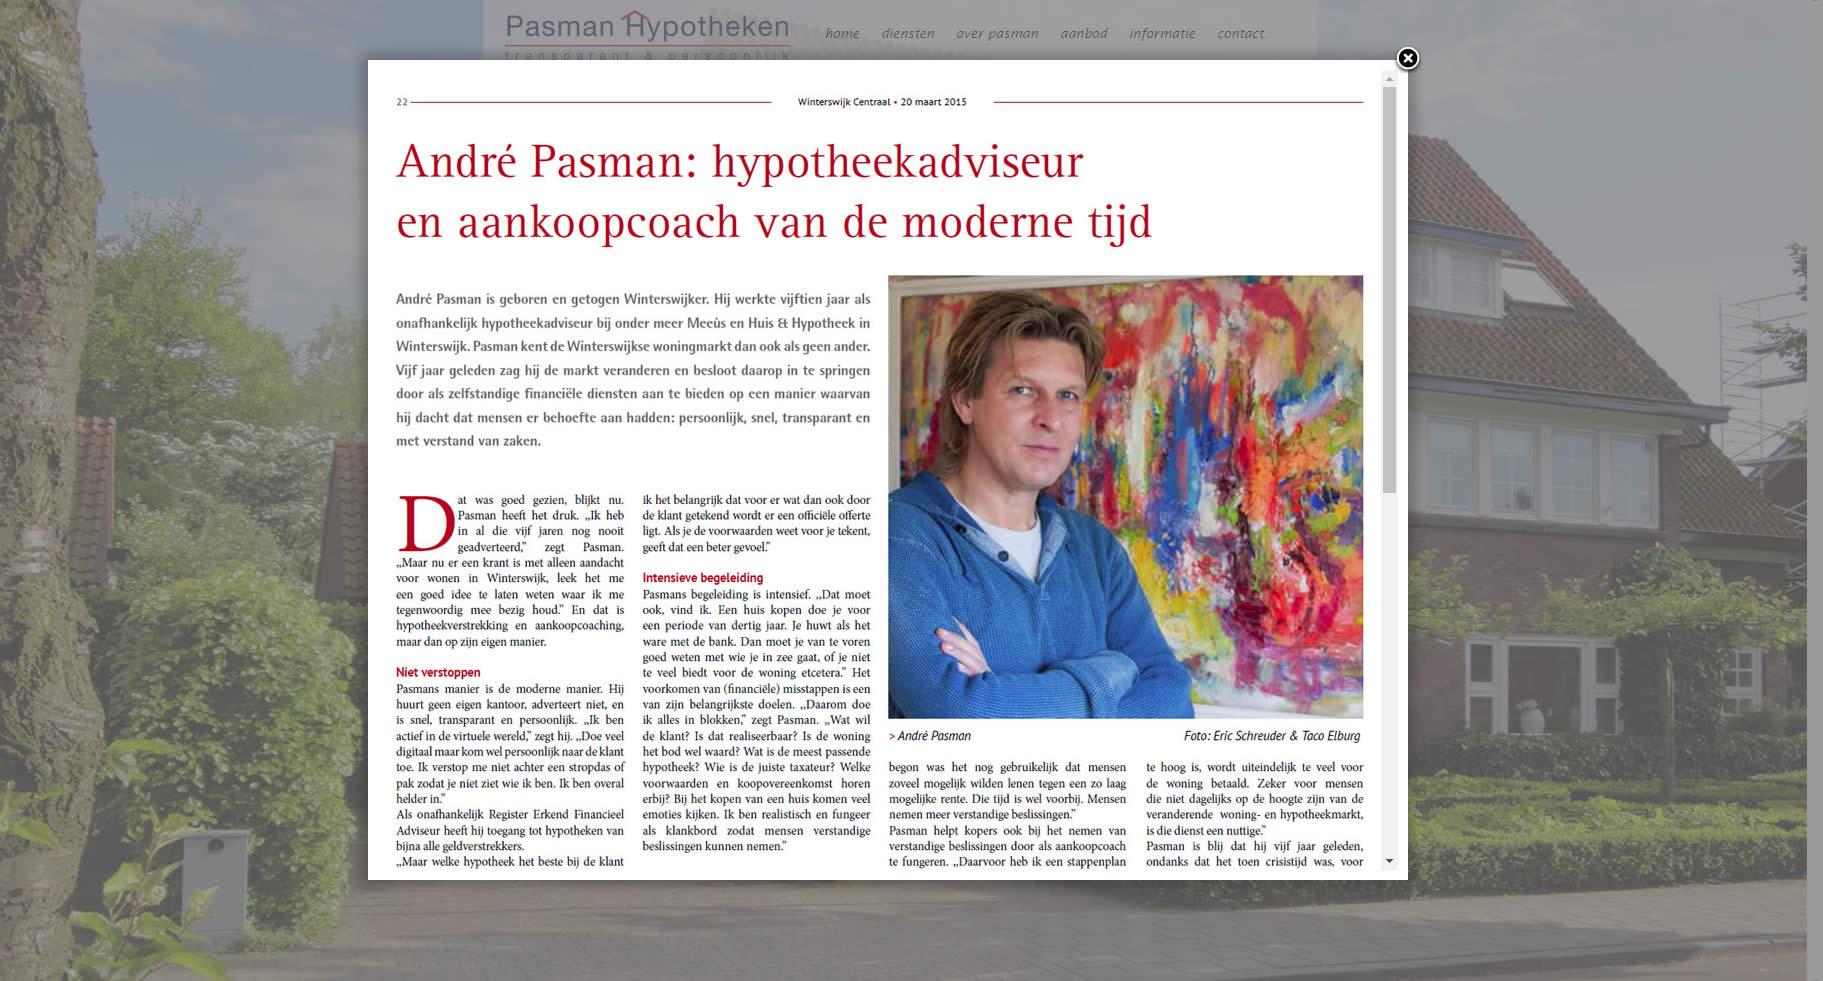 pasman-hypotheken.nl